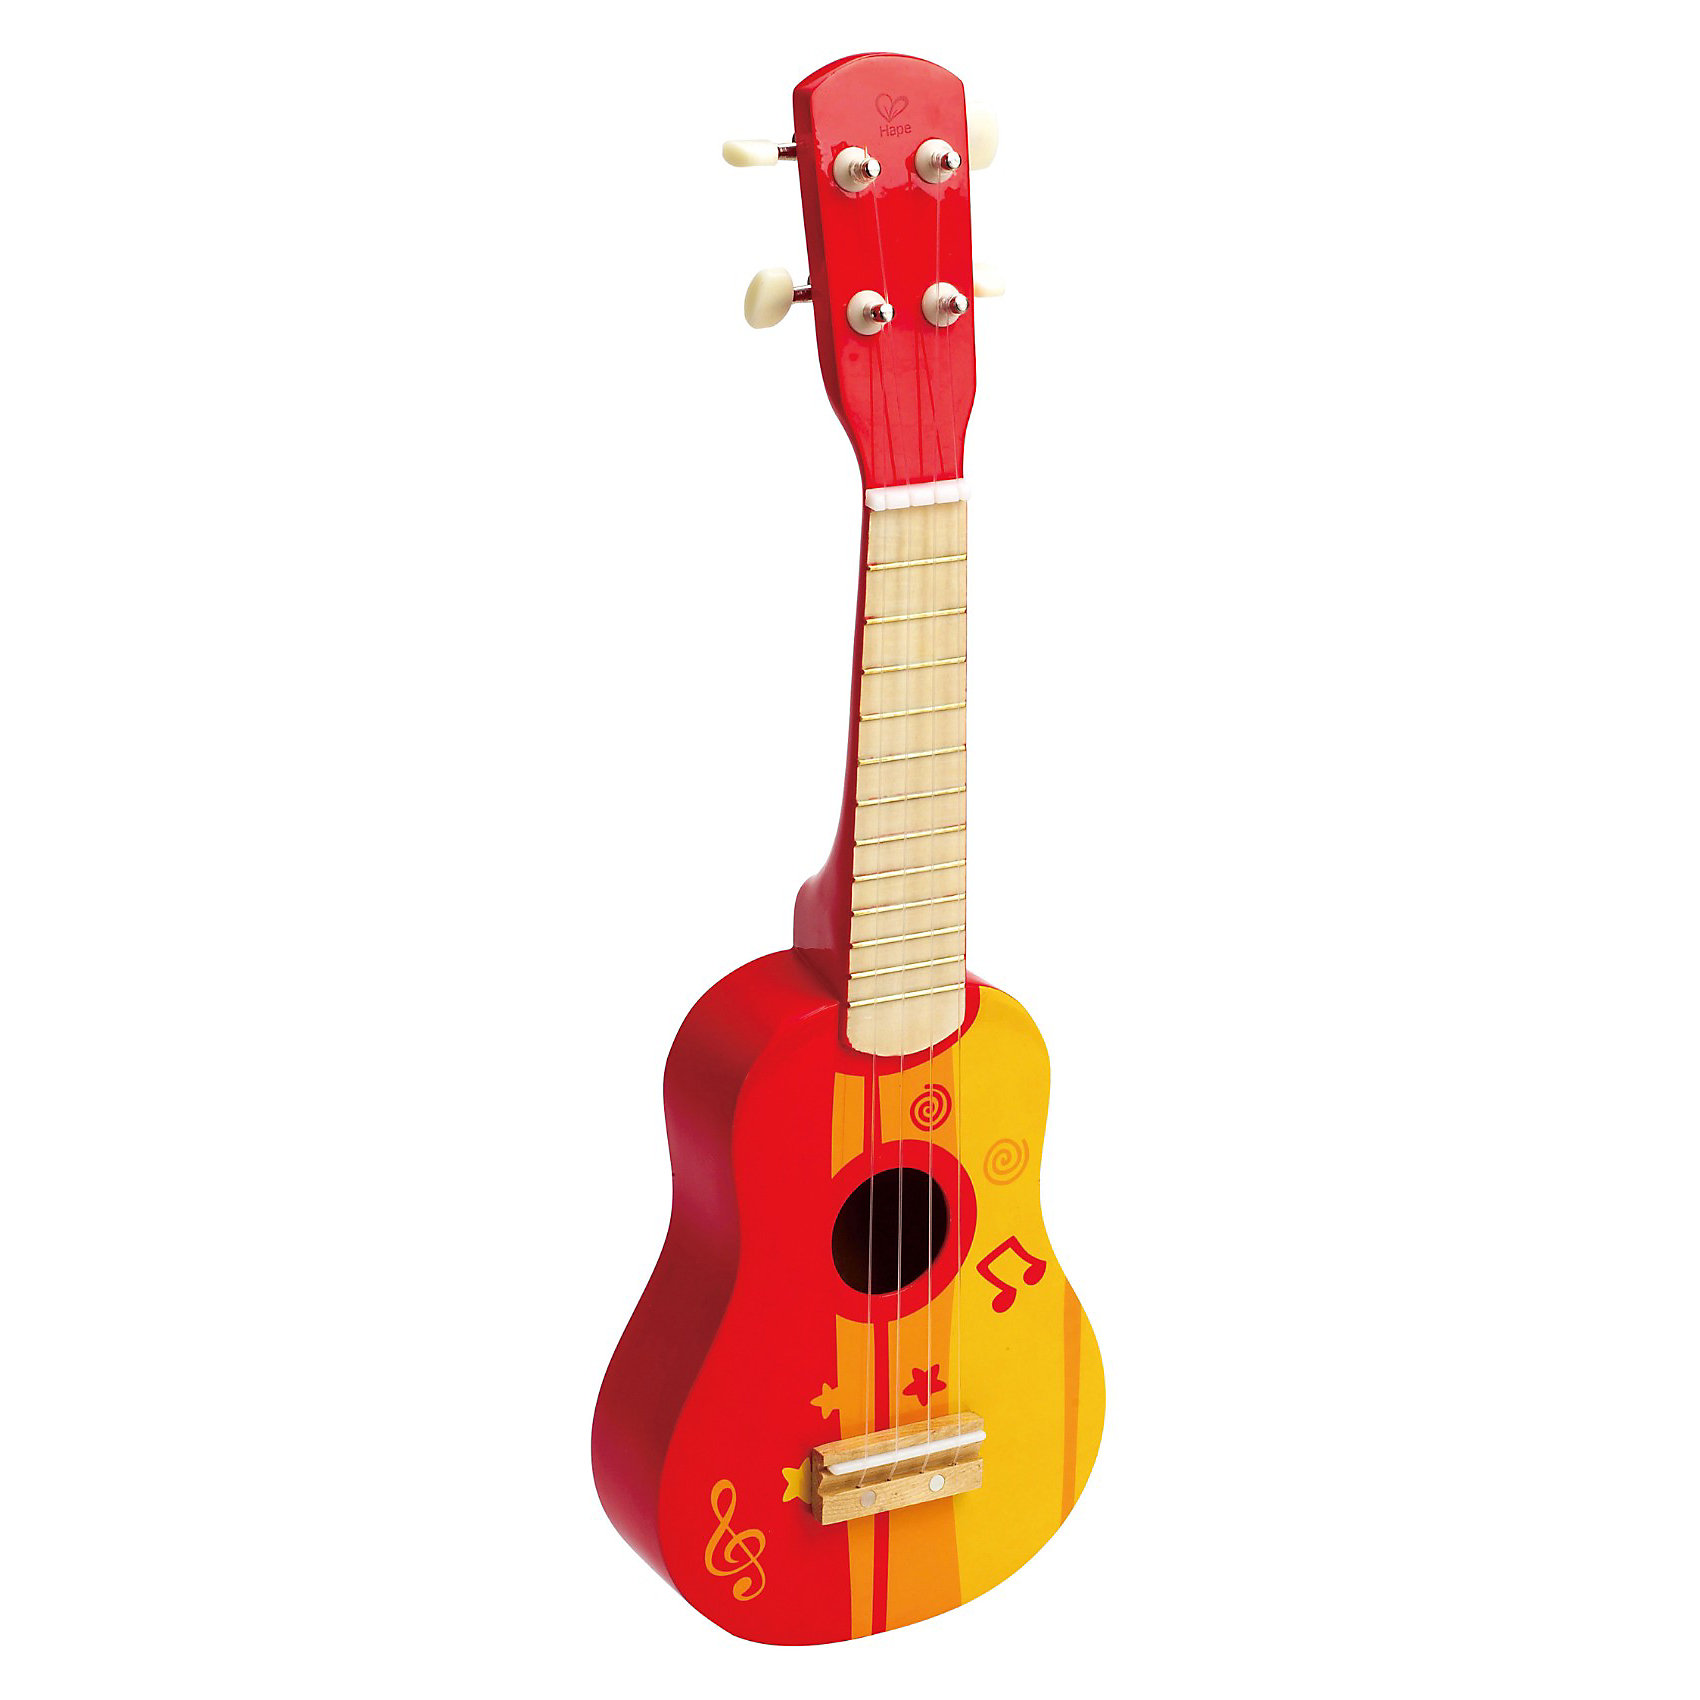 Гитара краснаяГитара красная, Hape (Хапе) идеальный подарок  для подросших юных музыкантов. Перебирая струны, малыш не только знакомится с миром музыки, но и тренирует ловкость пальчиков и мелкую моторику. Вашему ребенку обязательно понравится красивый инструмент яркой окраски, и возможно позже он захочет освоить настоящую гитару!<br>Игрушка развивает музыкальный слух, звучание инструмента натуральное, дарит положительные эмоции. Игрушка изготовлена из ценных, редких видов деревьев. Для окраски применяются стойкие краски, не содержащие фенол.<br><br>Дополнительная информация:<br><br>- Первый музыкальный инструмент малыша;<br>- У гитары 4 струны;<br>- Материал: дерево, металл;<br>- Малыш сможет создавать свои собственные музыкальные партии;<br>- Развивает мелкую моторику, координации глаз и рук, музыкальные навыки;<br>- Игрушка понравится как девочкам, так и мальчикам;<br>- Цвет: Красный;<br>- Размер упаковки: 21 х 15 х 17,5 см;<br>- Вес: 0,36 кг.<br><br>Гитару красную, Hape (Хапе)  можно купить в нашем интернет-магазине.<br><br>Ширина мм: 210<br>Глубина мм: 100<br>Высота мм: 175<br>Вес г: 360<br>Возраст от месяцев: 36<br>Возраст до месяцев: 60<br>Пол: Унисекс<br>Возраст: Детский<br>SKU: 3534103